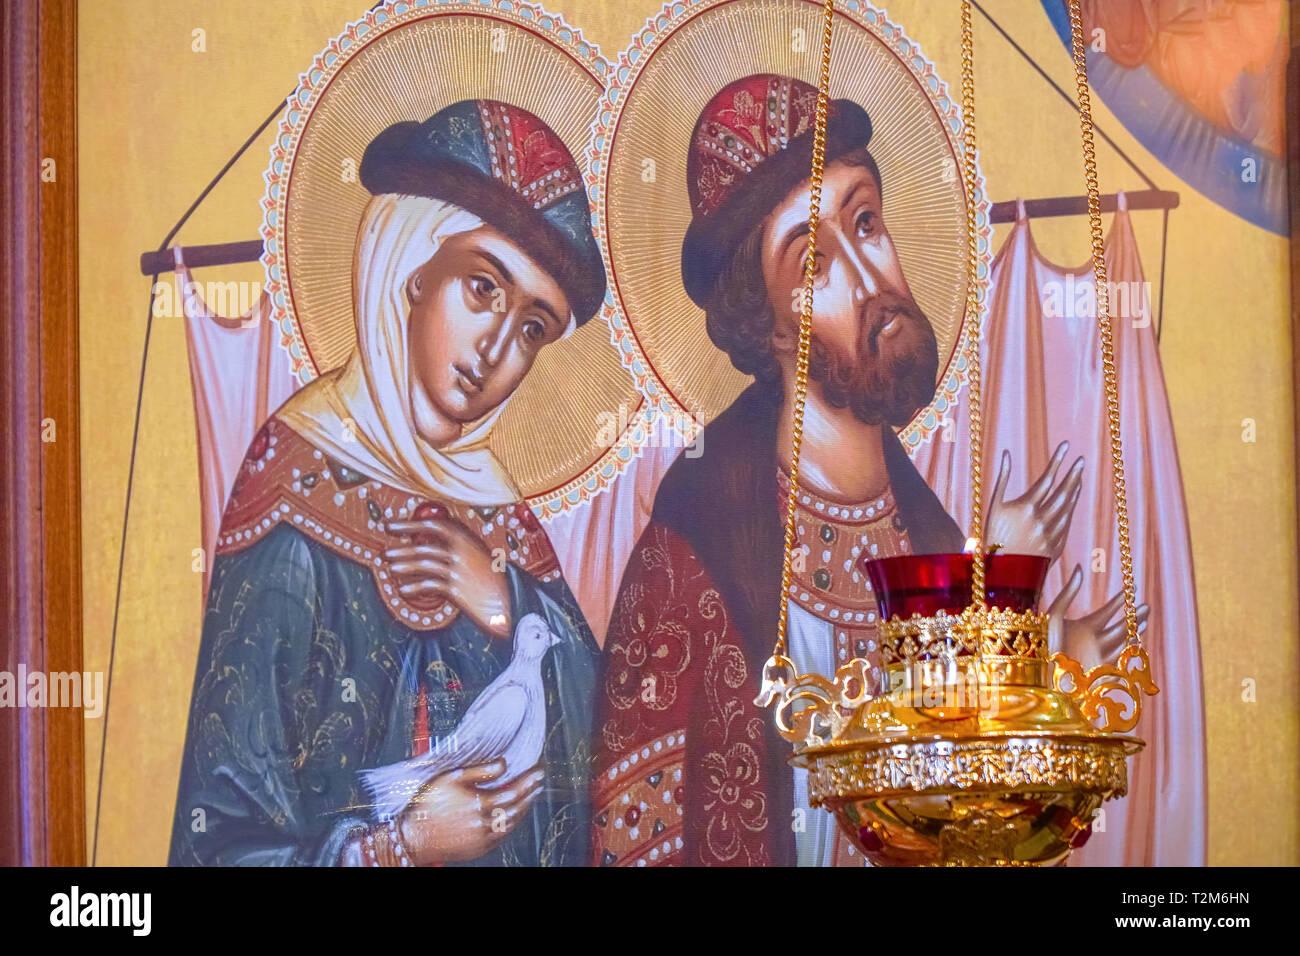 Chapaevsk, Samara region, Russia-February 18, 2019: Kirche der Kasaner Ikone der Mutter Gottes in Chapaevsk. Das Symbol der Heiligen Petrus und Fevronia. Stockbild